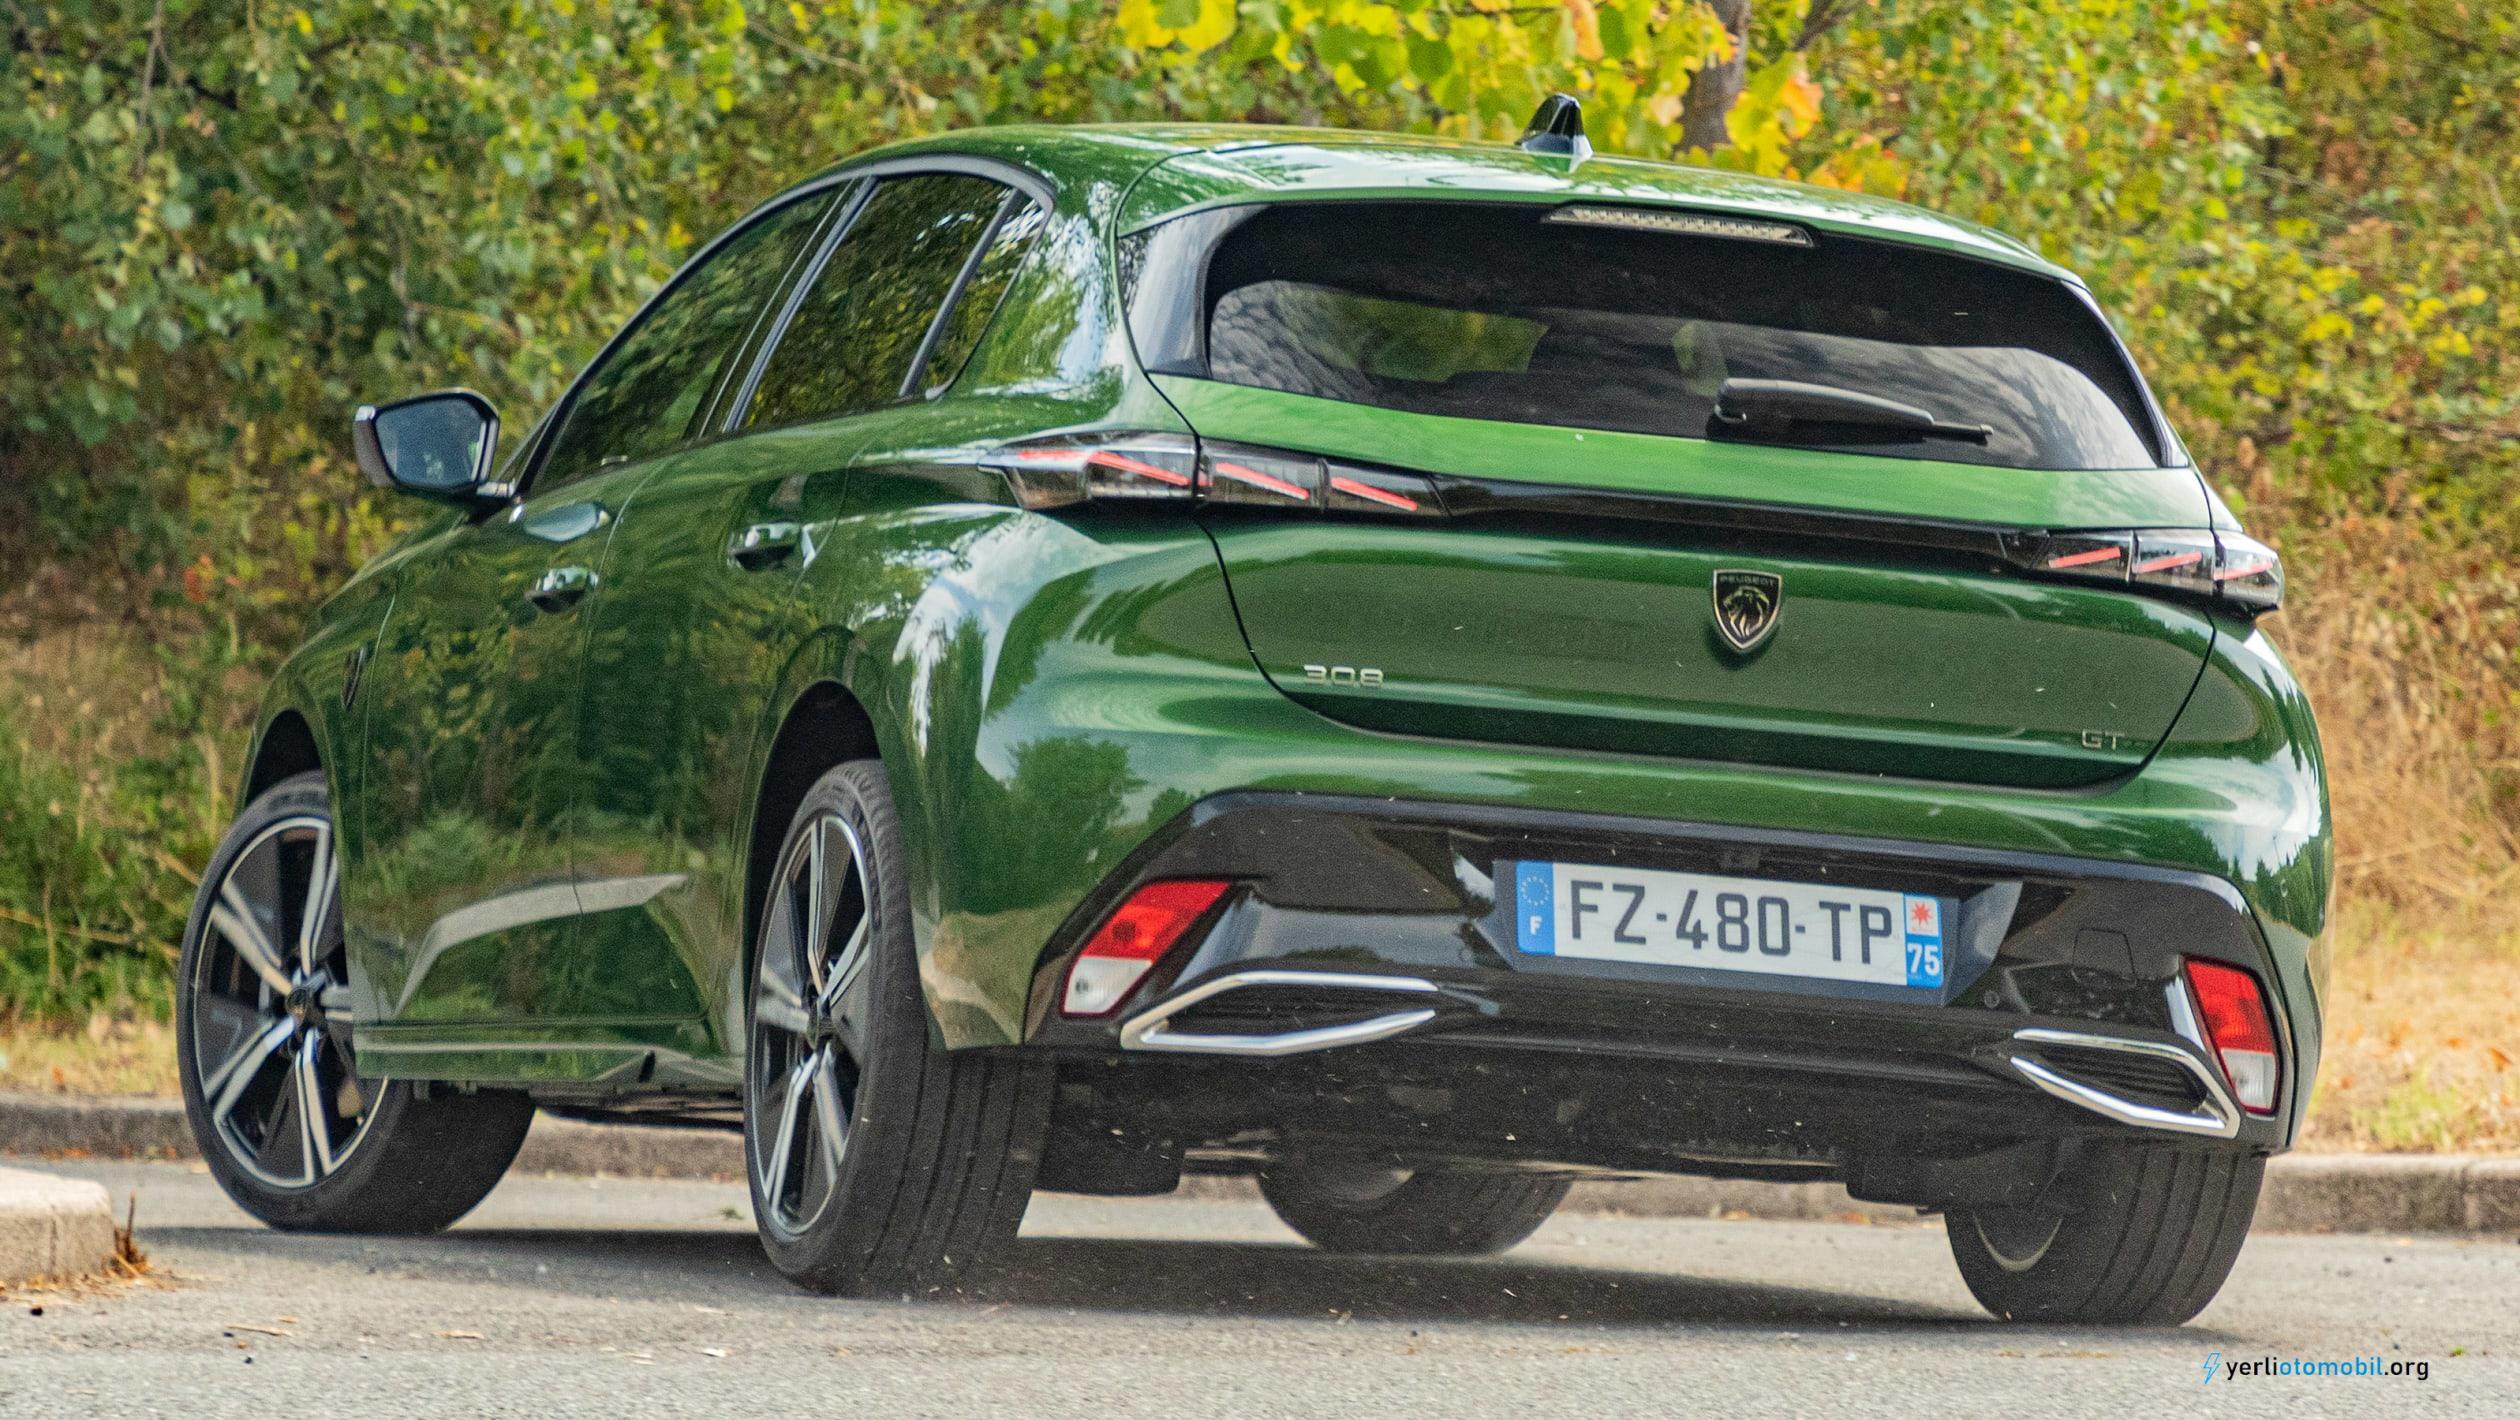 Yeni Peugeot 308 2021 incelemesi